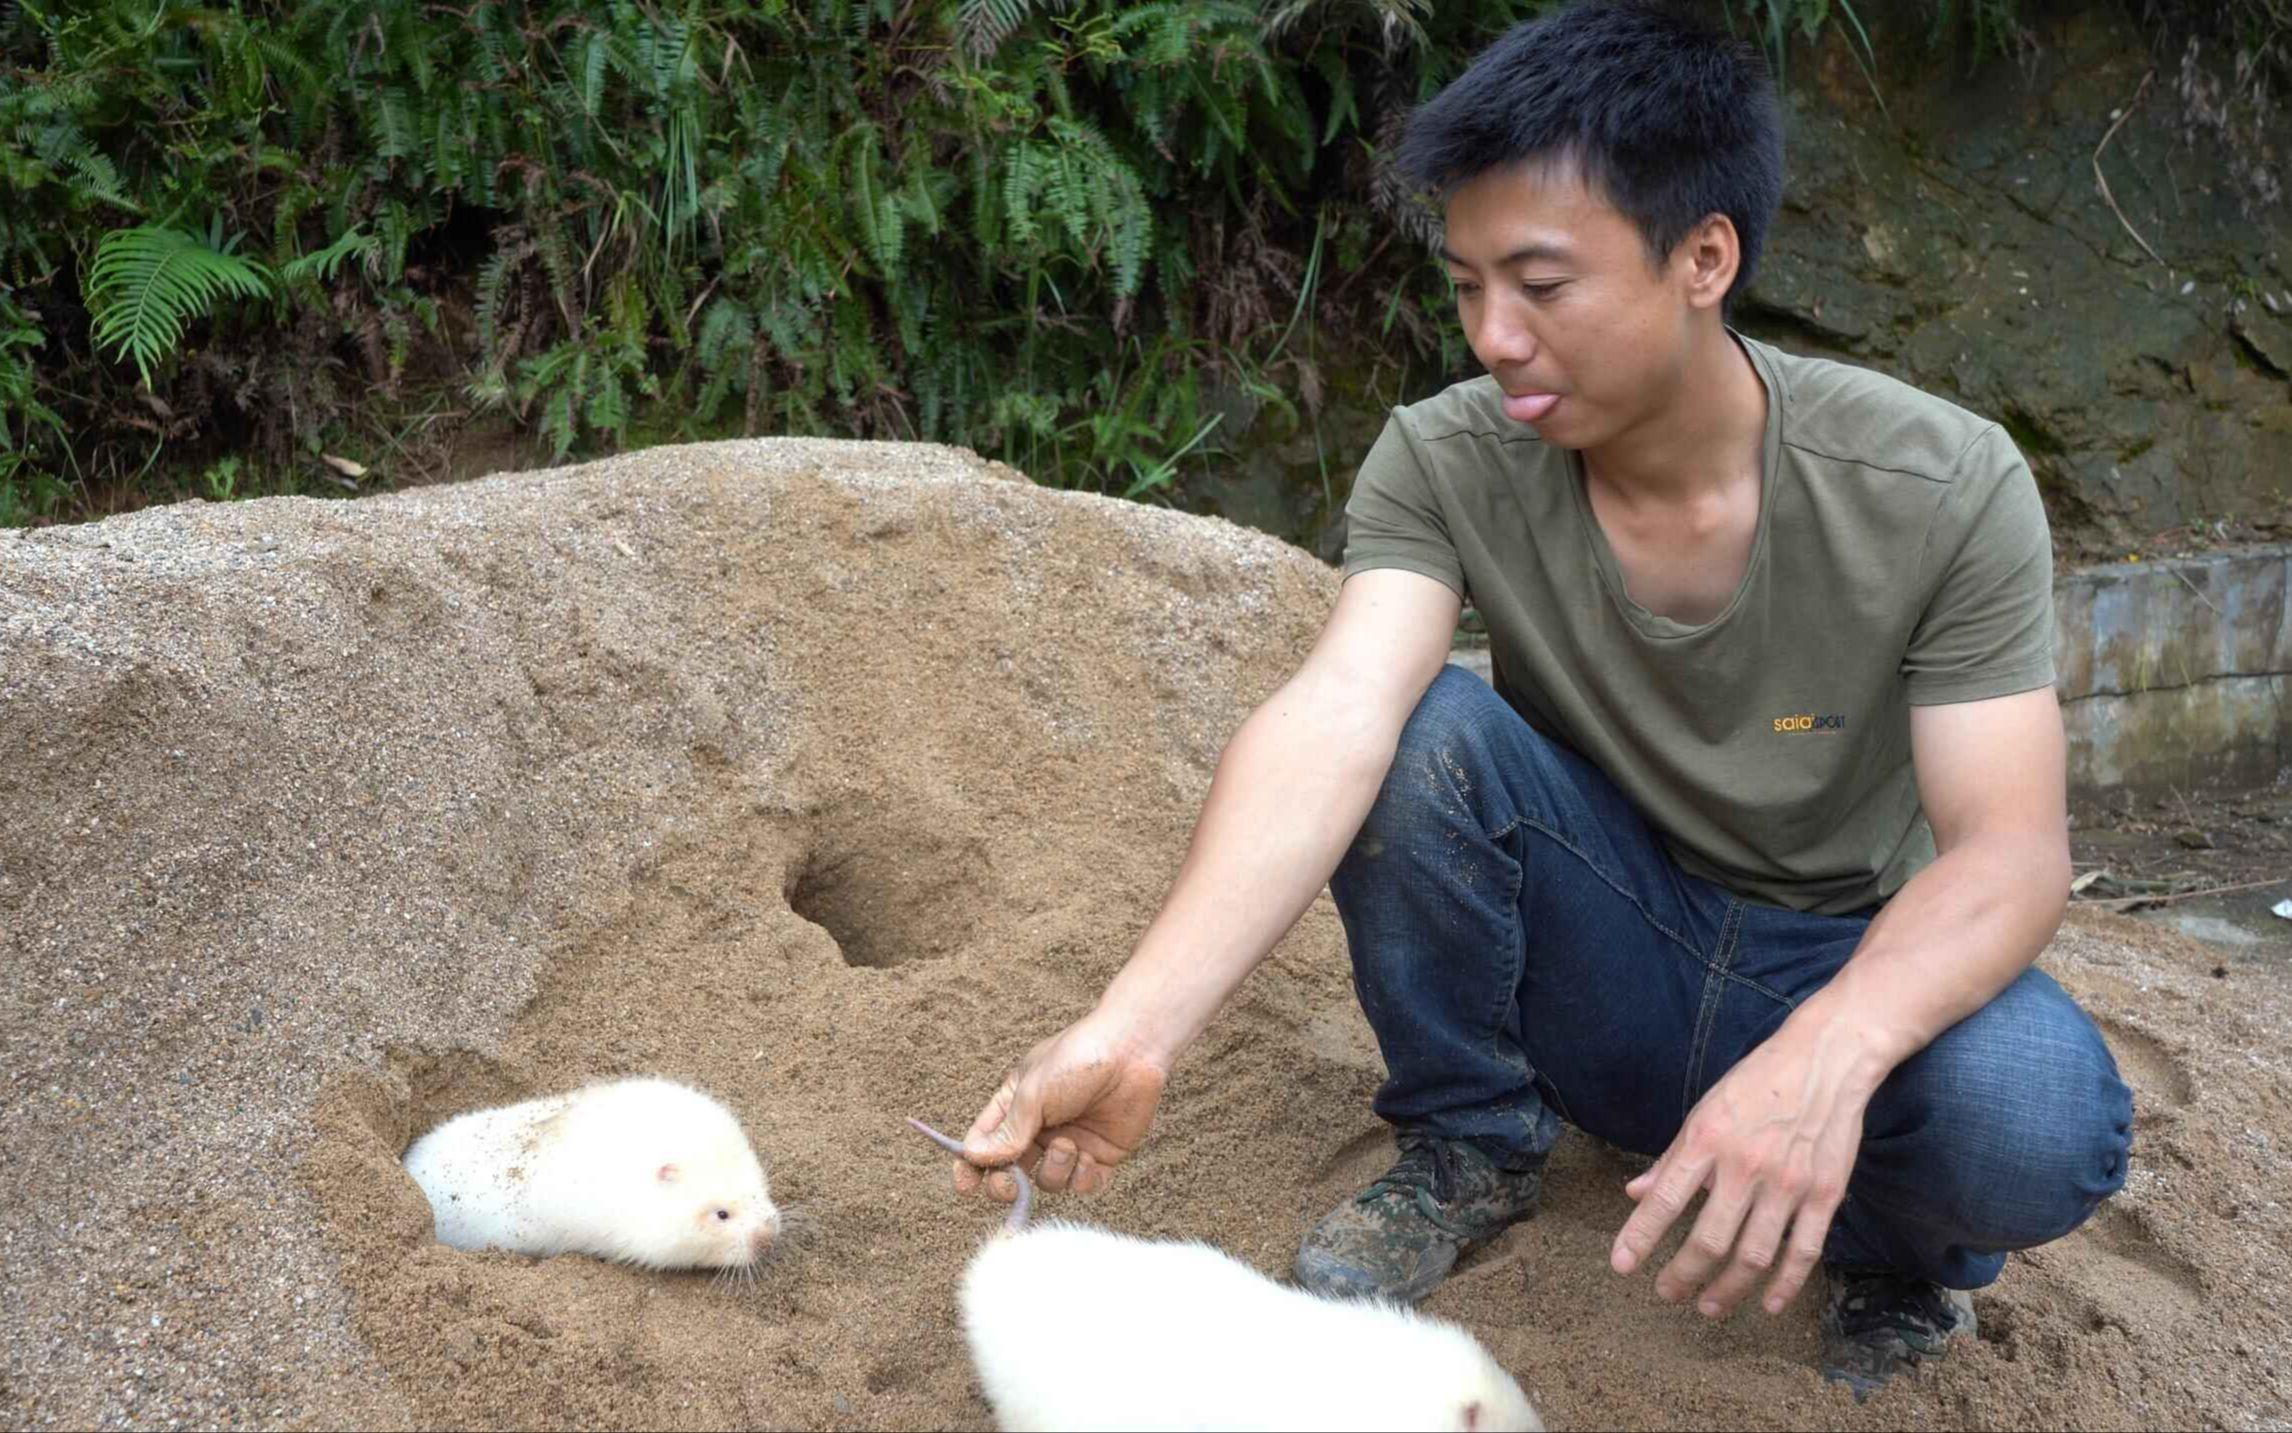 华农兄弟:带这两只白竹鼠到沙子上玩一下,给它们降降温